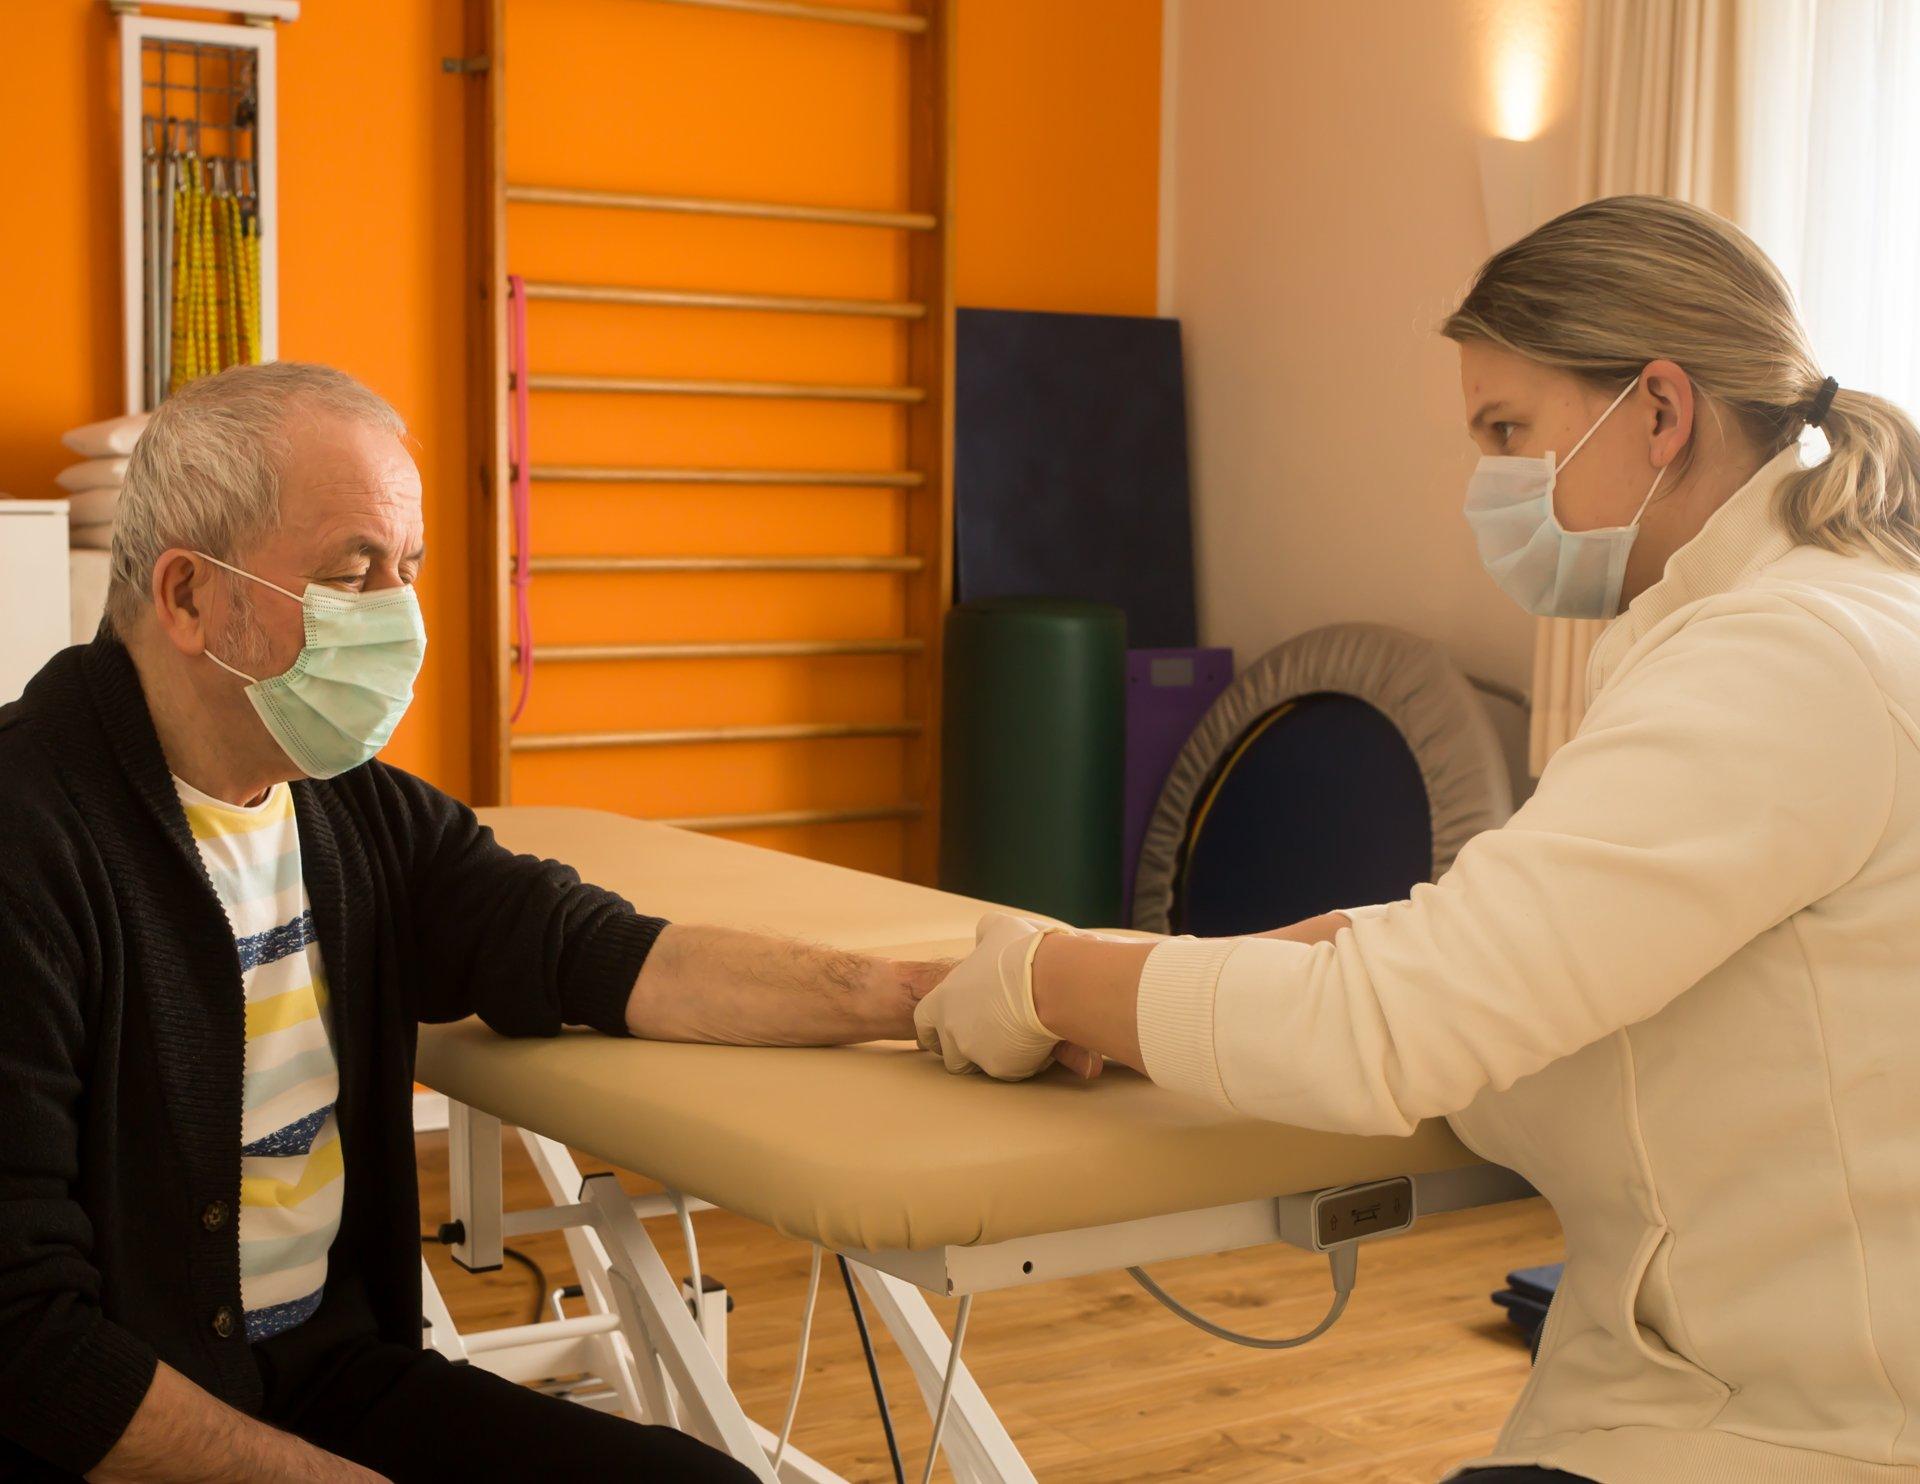 Anschlußbehandlung nach der Operation: Physiotherapeutin Sandra Okafor behandelt die Hand eines Patienten - Foto: Anna Bless